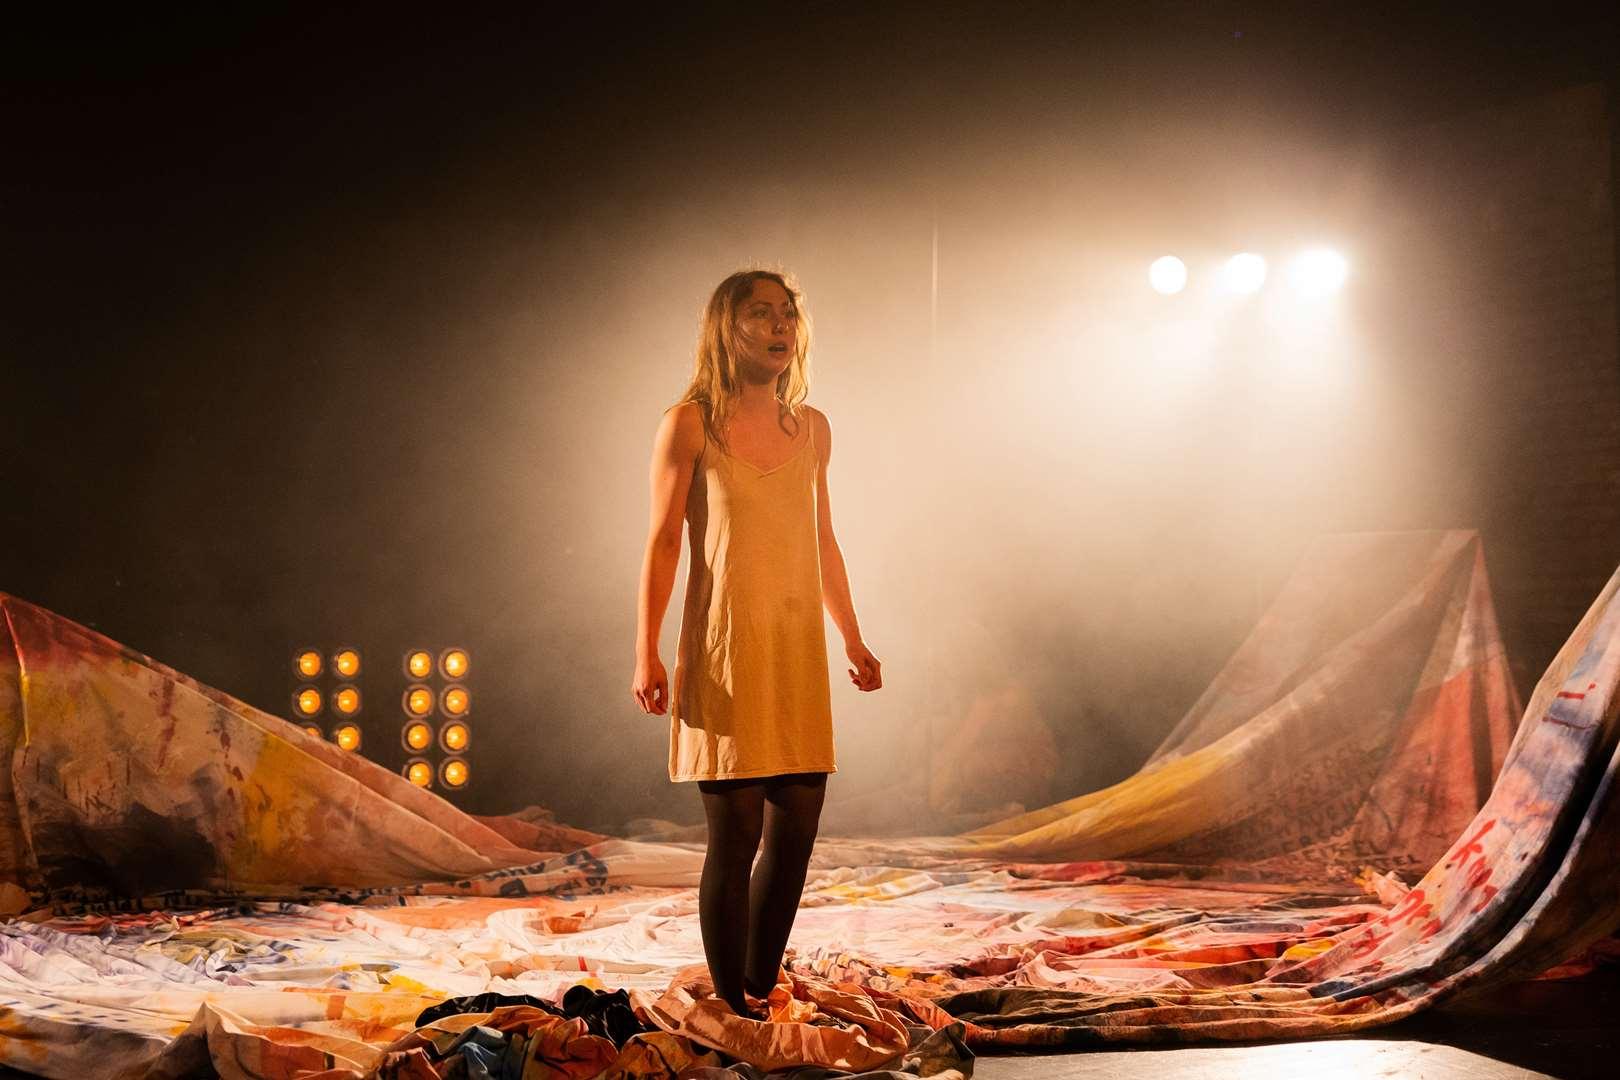 marie rathscheck als 'die unverheiratete' © Jana Nowak/Schauspiel Leipzig